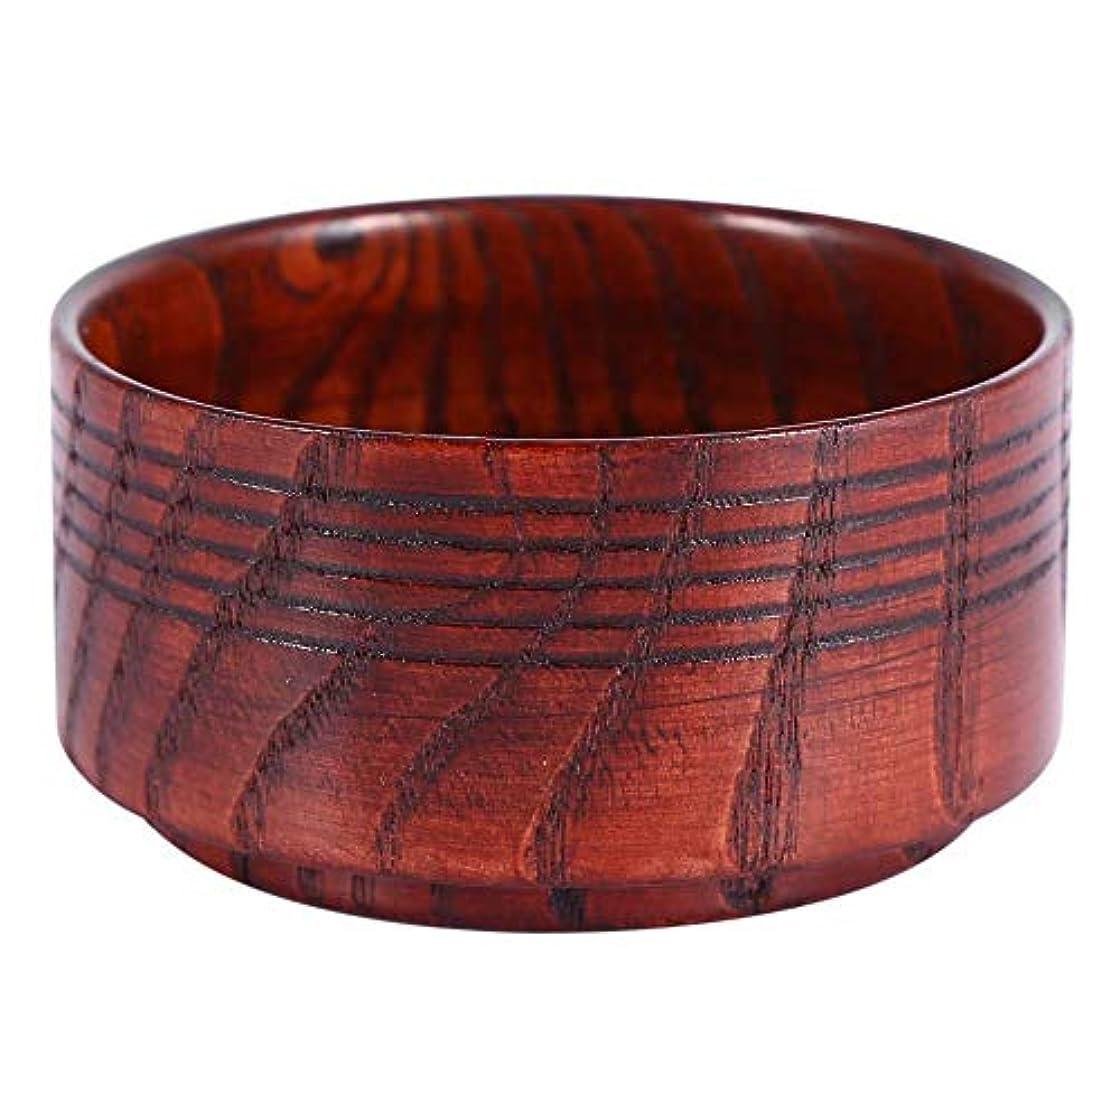 好意的物質落ち着いたQinlorgo シェービングボウル 木製ソープボウル シェービングマグ ソープボウル 木製マグ 男性用シェーブボウル